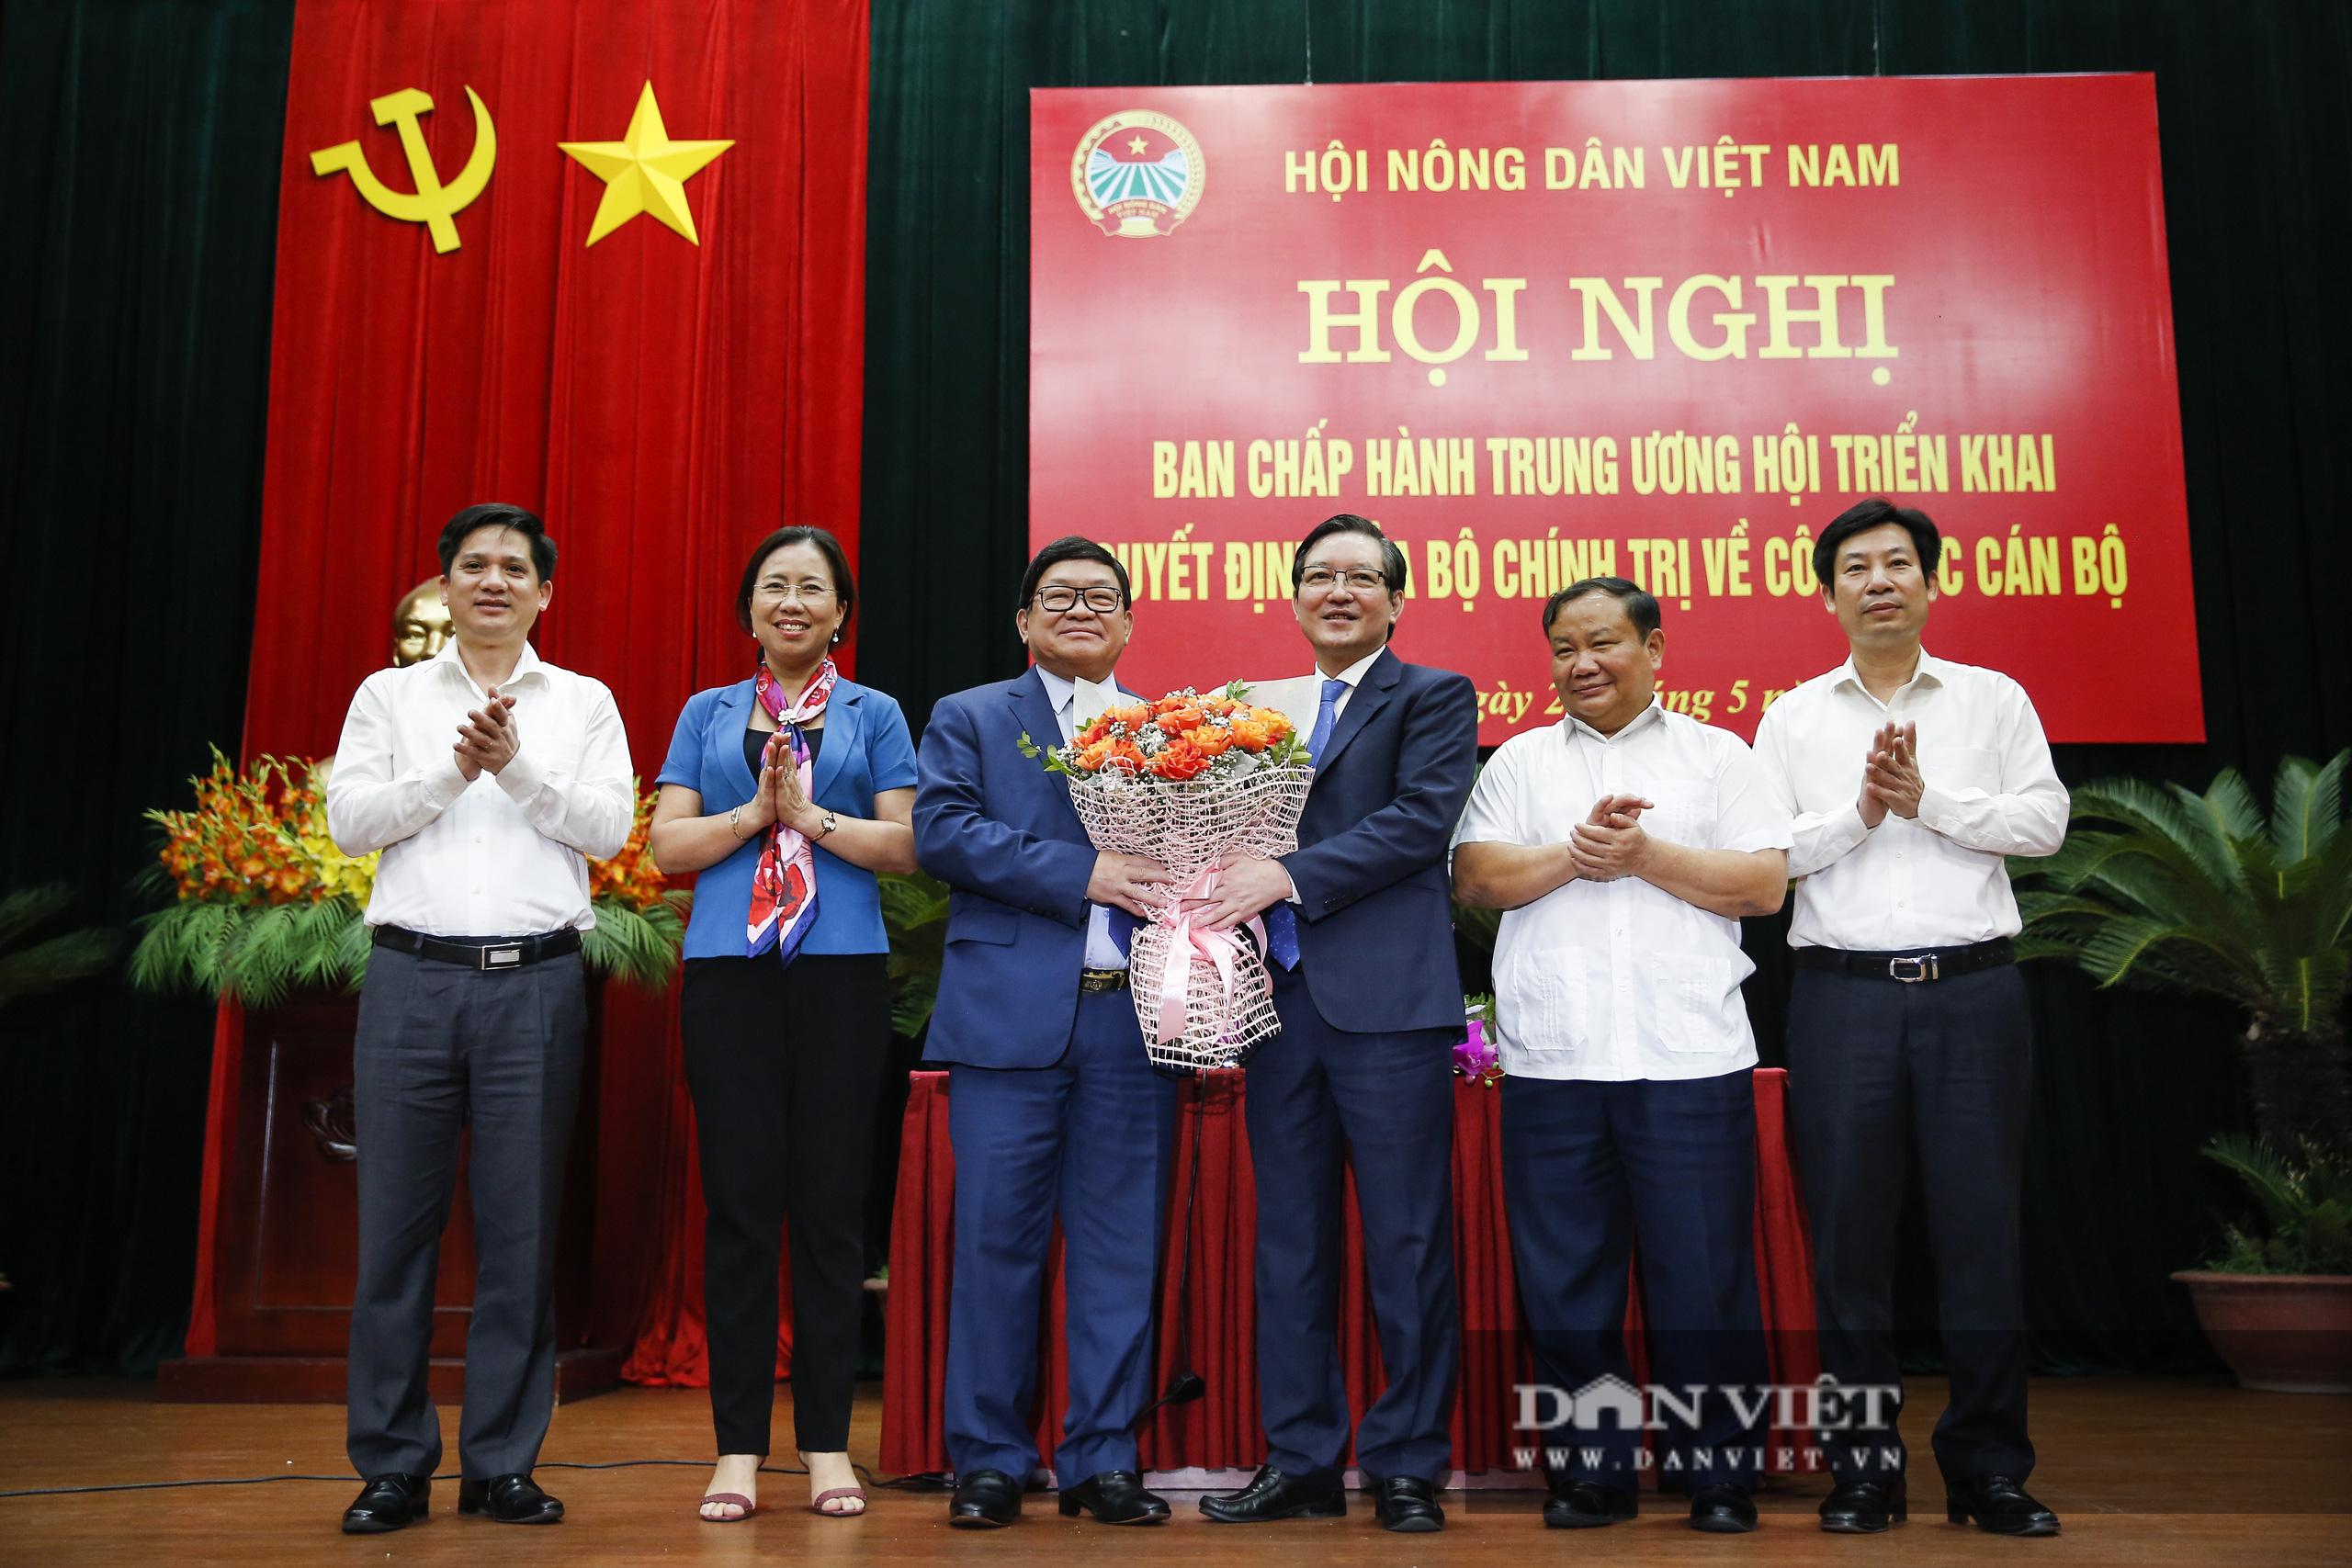 Ảnh: Hội nghị BCH TƯ Hội Nông dân Việt Nam triển khai quyết định của Bộ Chính trị về công tác cán bộ - Ảnh 17.